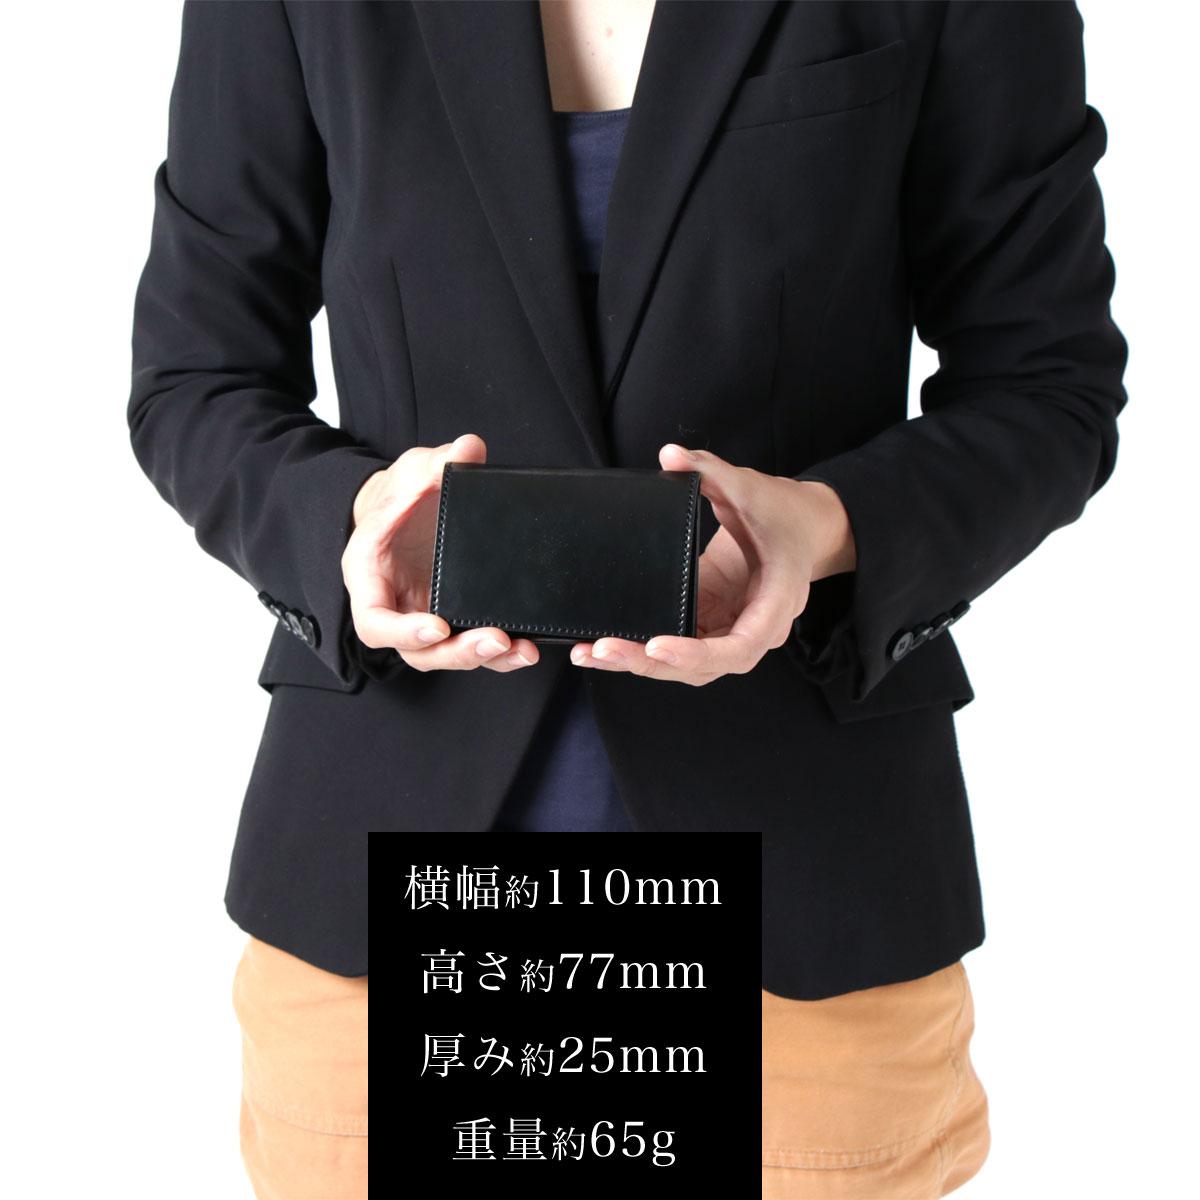 KAKUMEI カクメイ 名刺入れ ネームカードケース 50枚収納 日本製 本革 ホーウィン社 シェルコードバン Horween Shell Cordovan コードヴァン イタリアンレザー PUEBLO プエブロ  革命